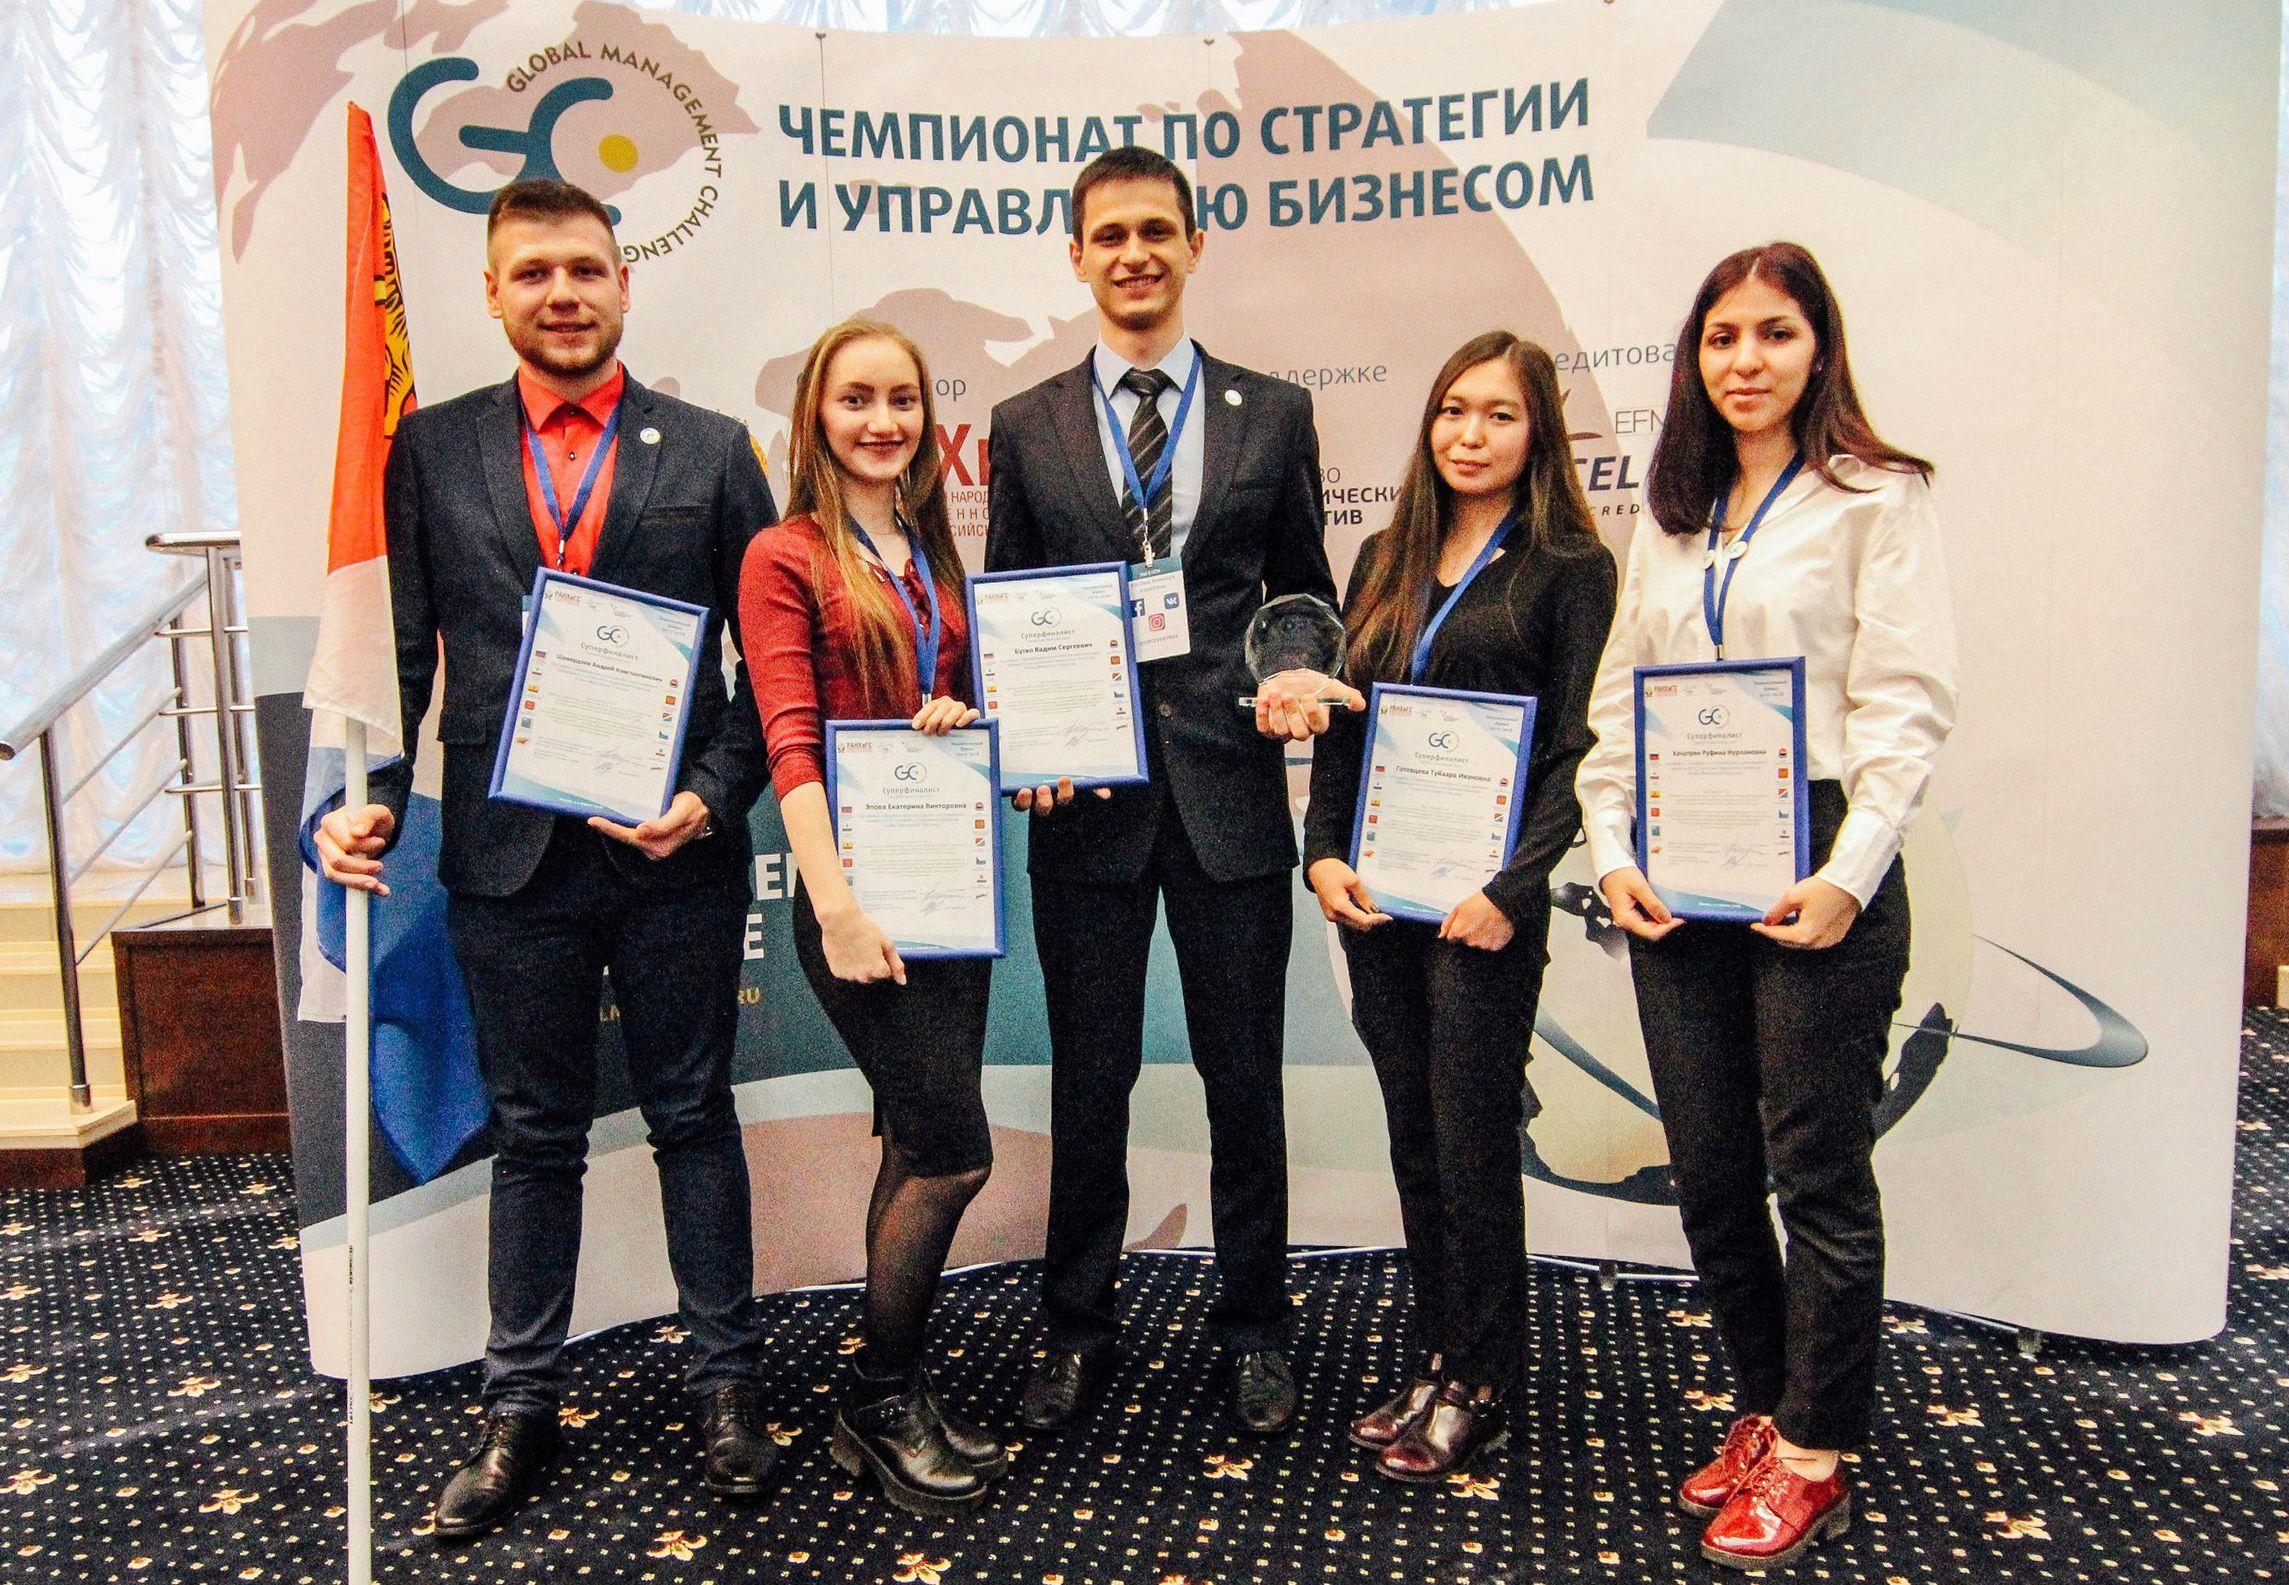 Студенты ВГУЭС – суперфиналисты Всероссийского чемпионата по стратегии и управлению бизнесом «Global Management Challenge»